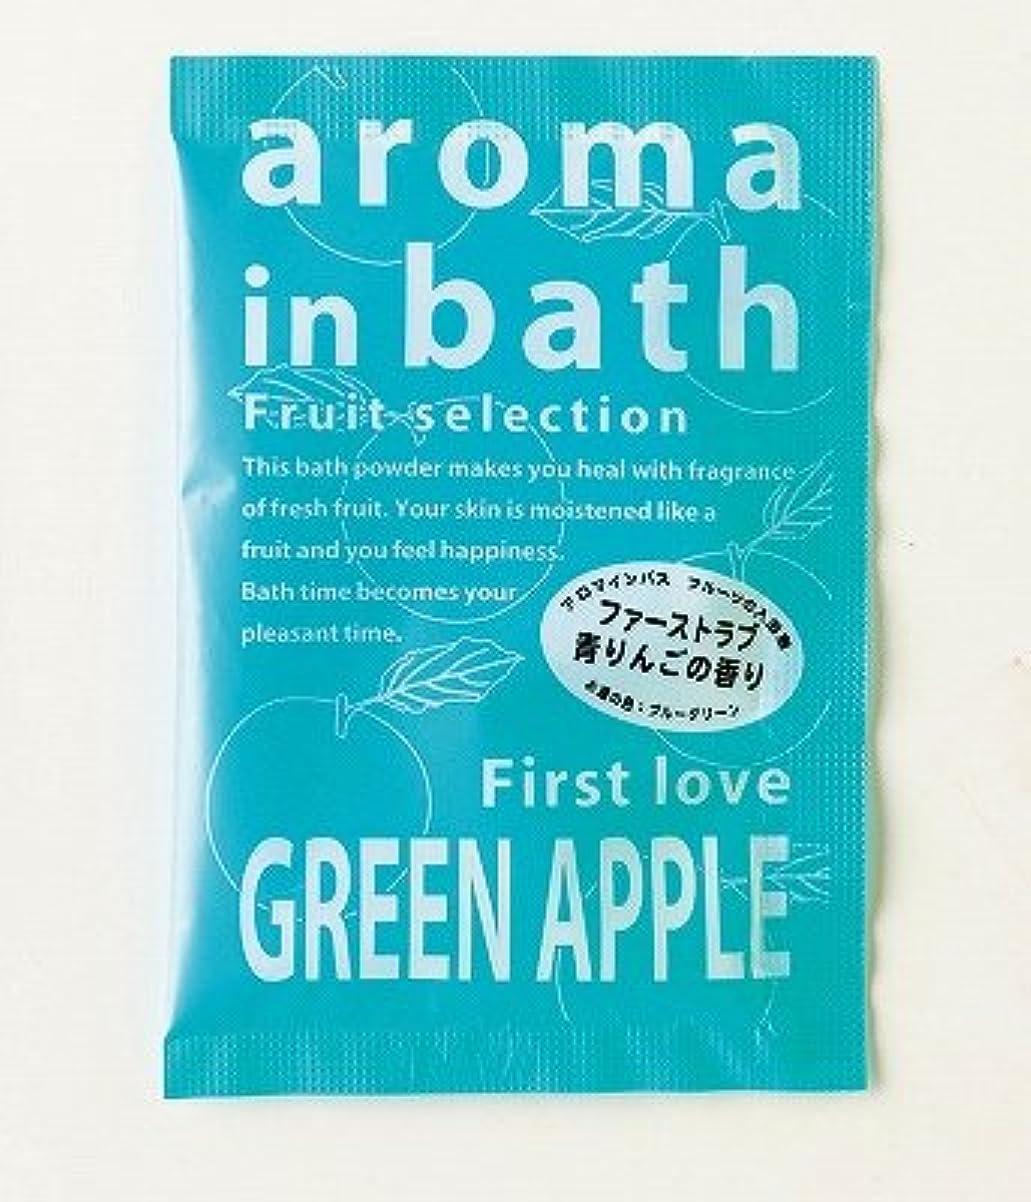 キャロラインビート剪断アロマインバス グリーンアップルの香り 25g(200個1セット)